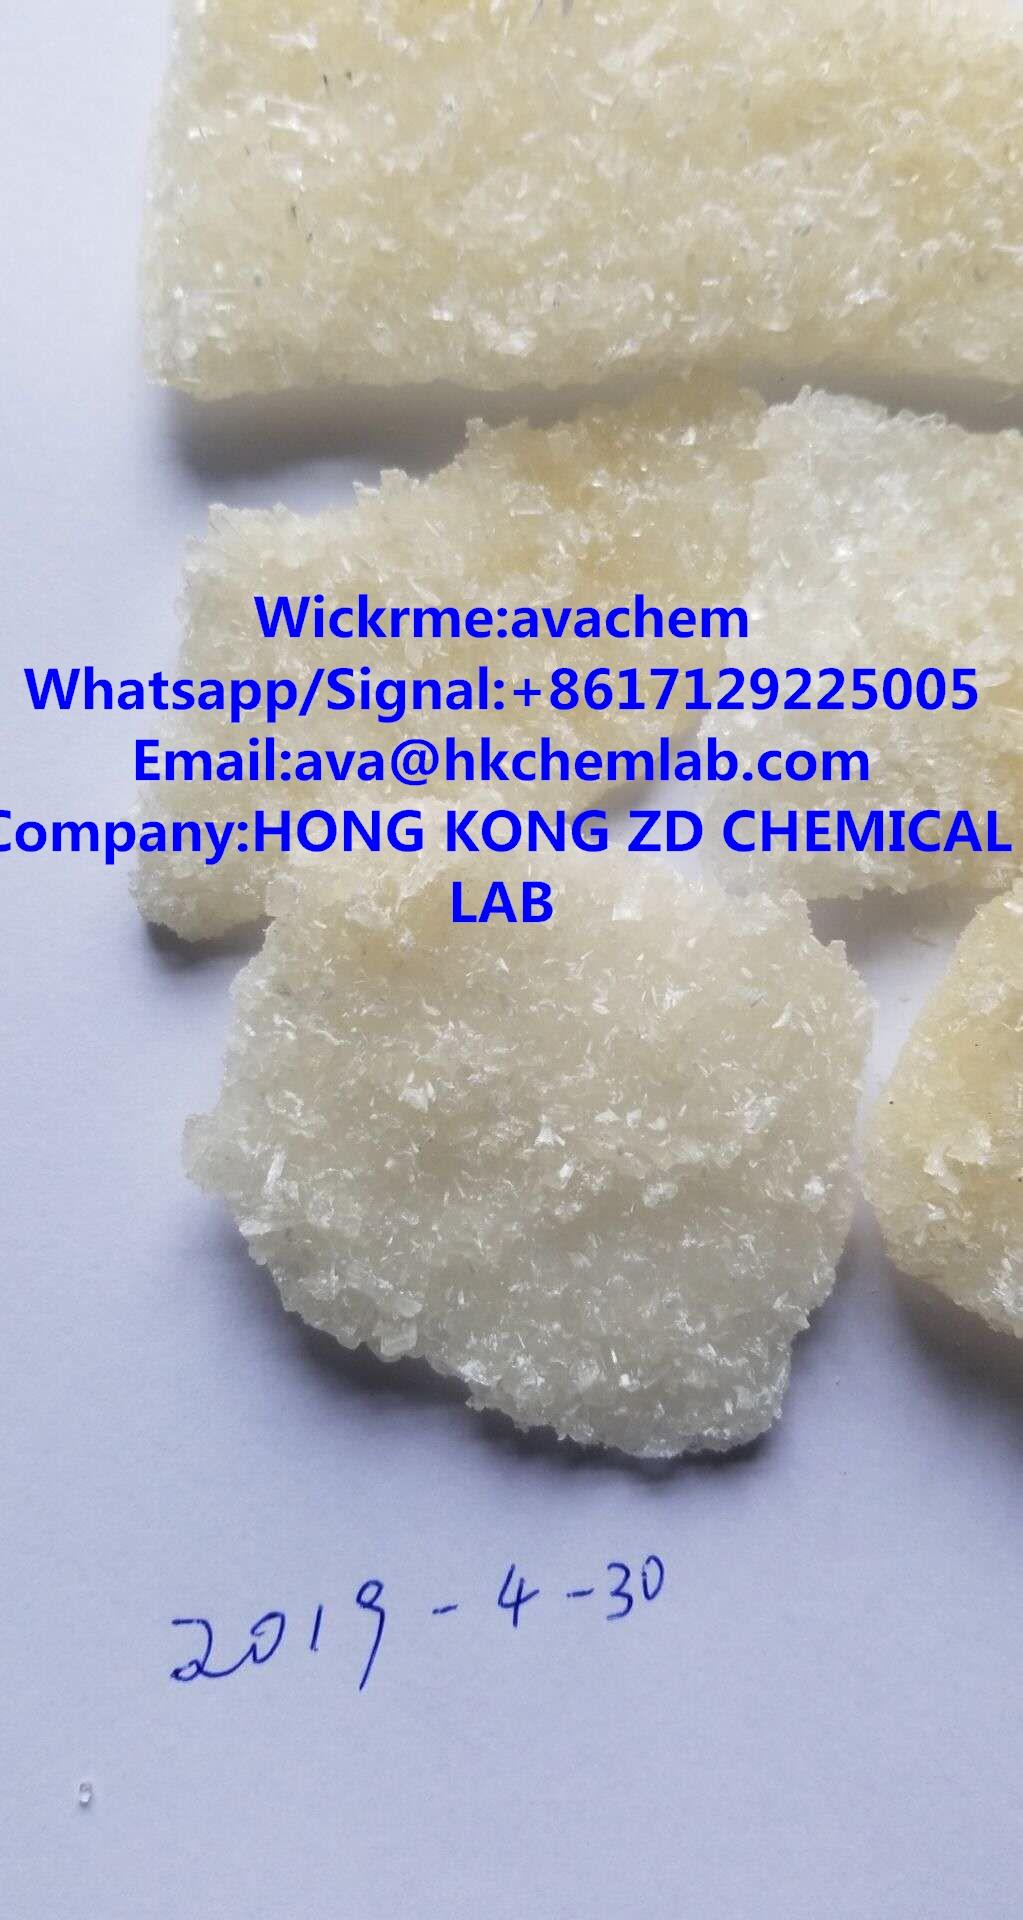 4fadb/5fadb/jwh018 Powder 5fmdmb2201 Factory Whatsapp/signal:+